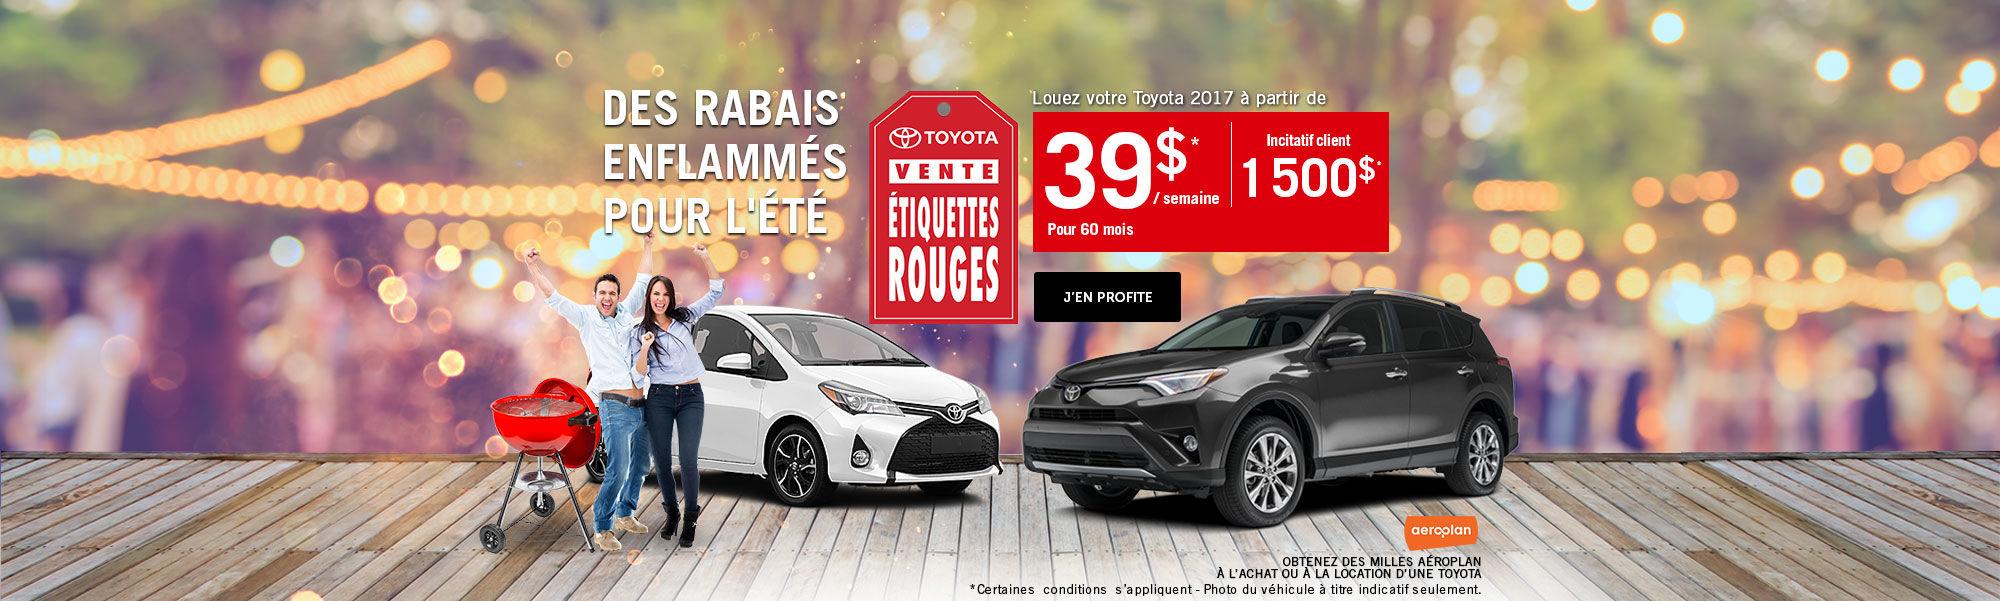 Vente étiquette rouges Toyota - Evénement